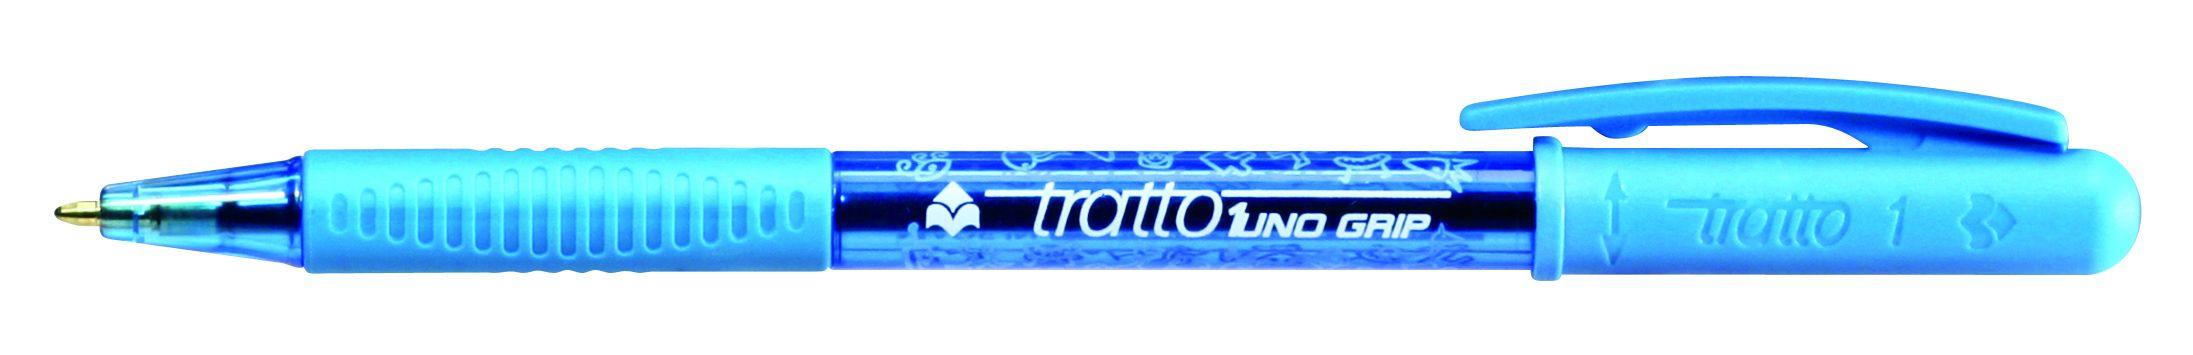 Ручка шариковая Tratto 1 Grip голубая поворотная резин. держат.